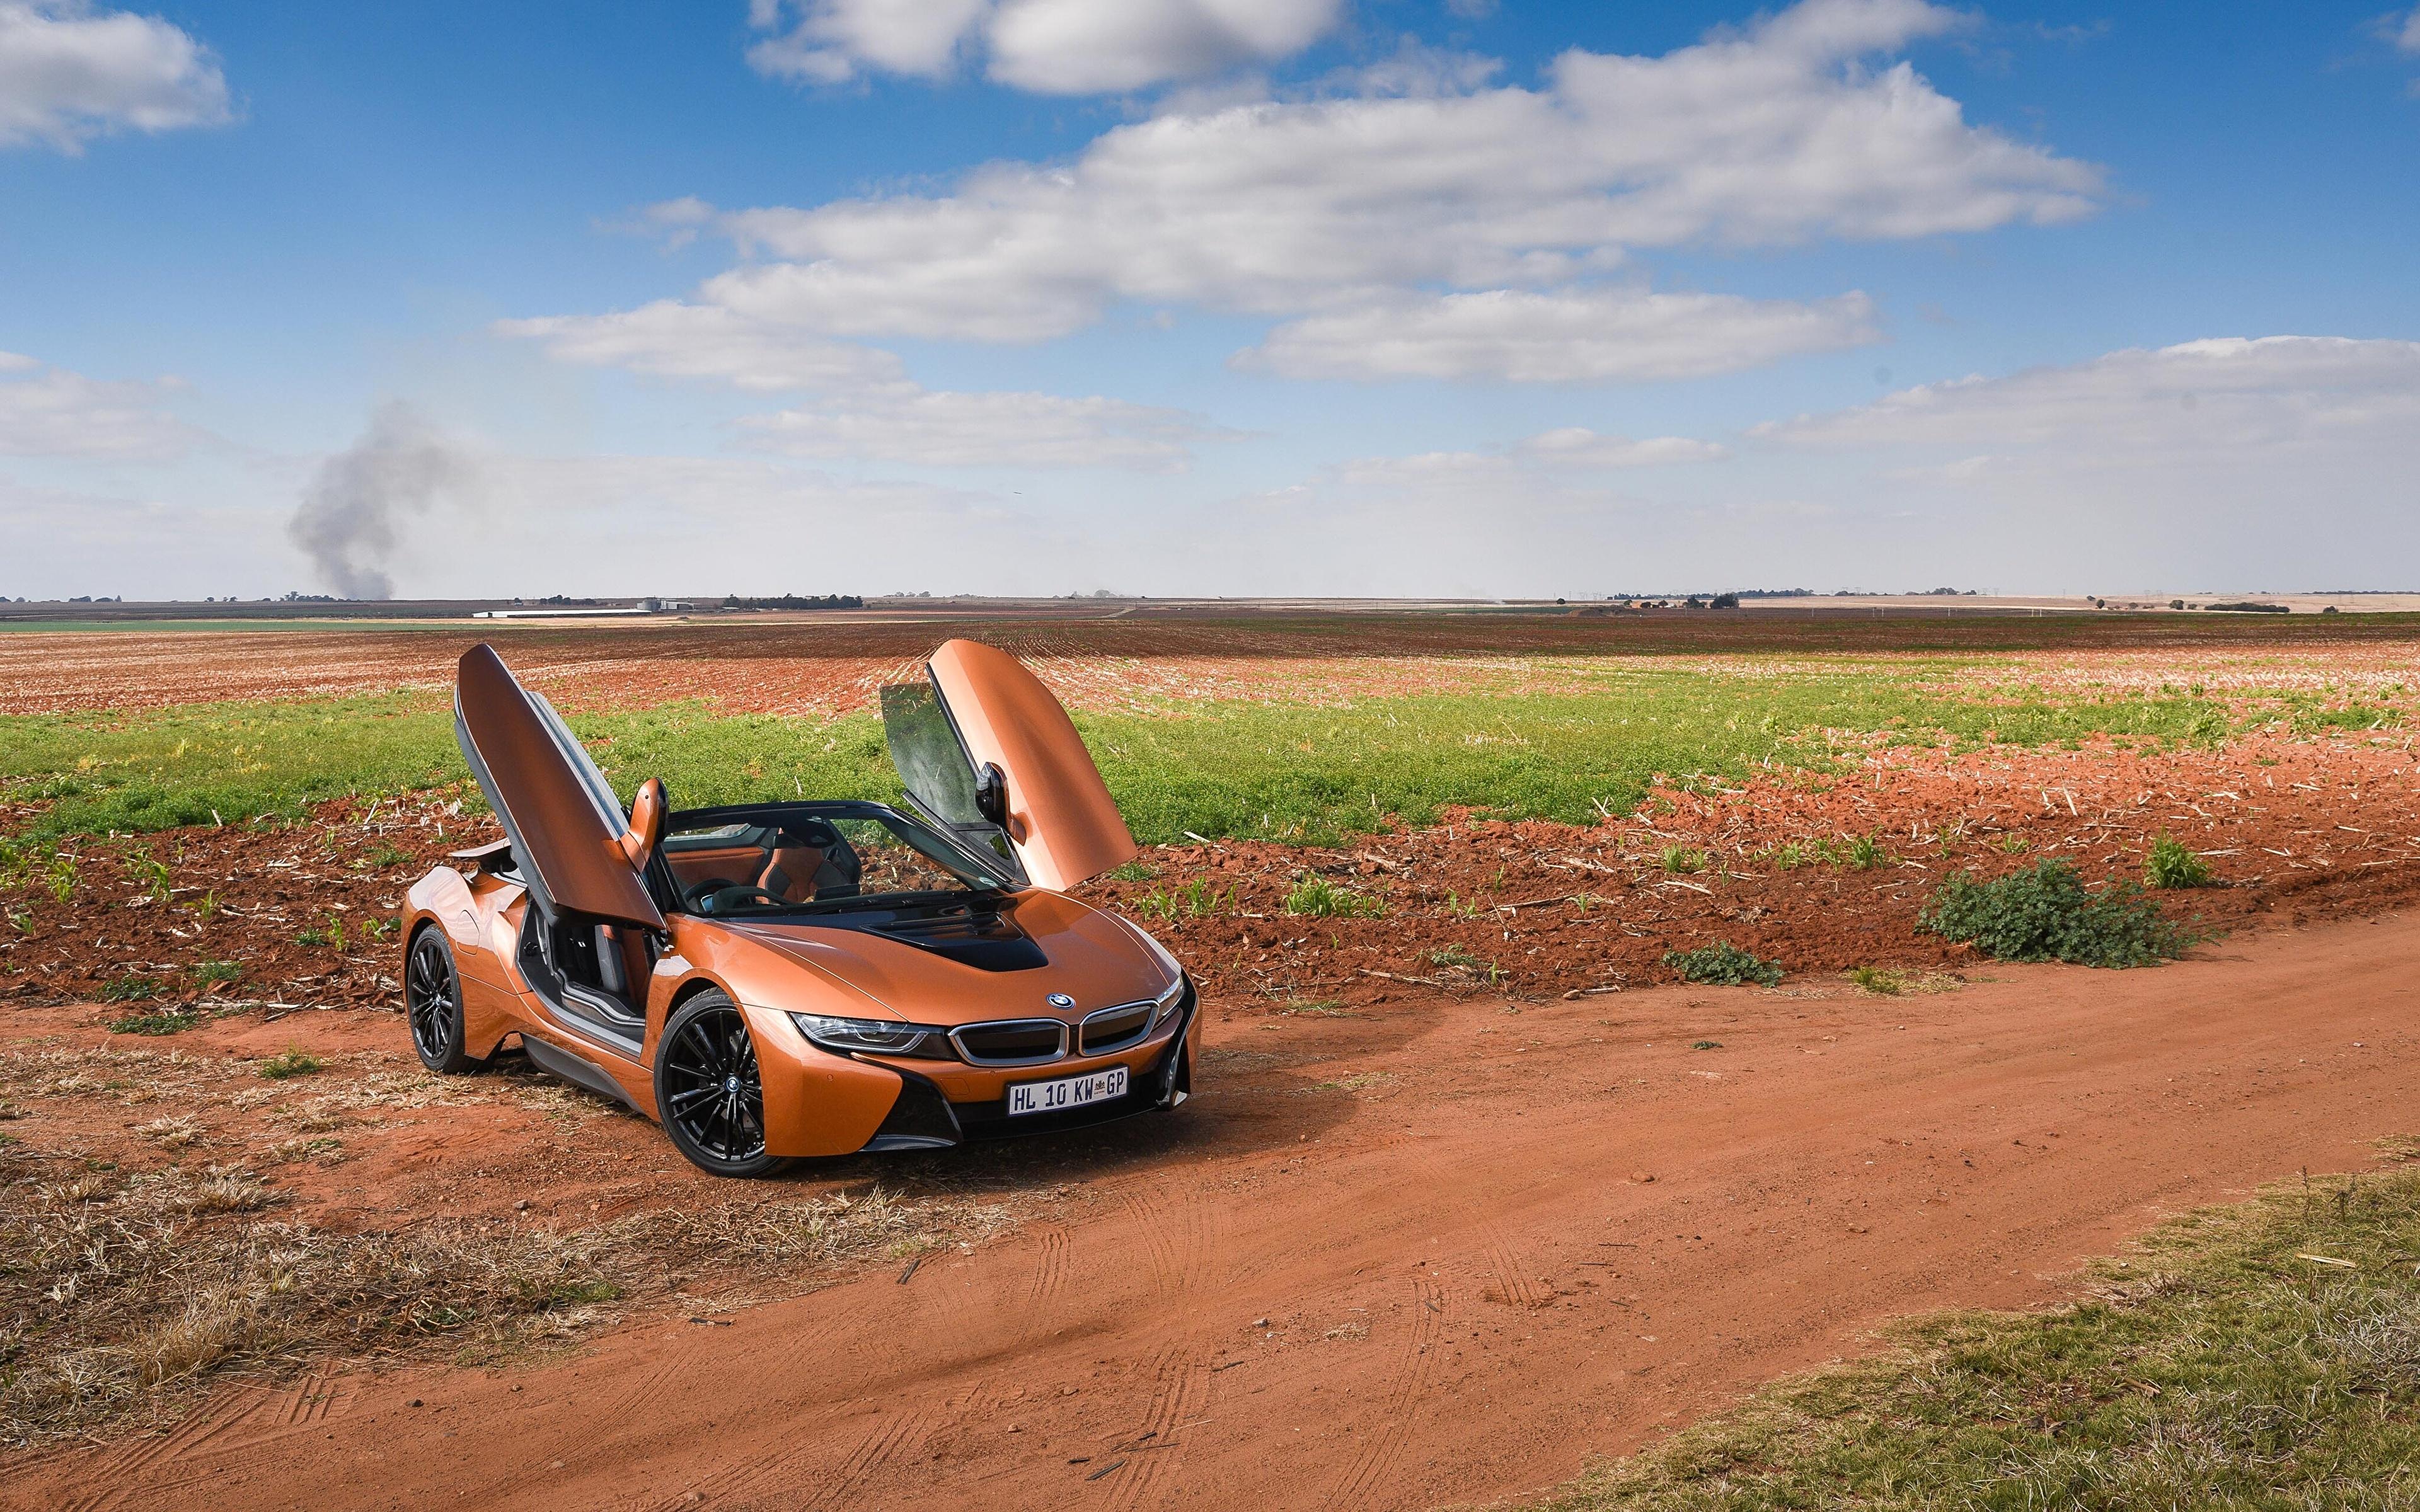 Картинки БМВ 2018 i8 Родстер Кабриолет Оранжевый автомобиль 3840x2400 BMW кабриолета оранжевых оранжевые оранжевая авто машина машины Автомобили